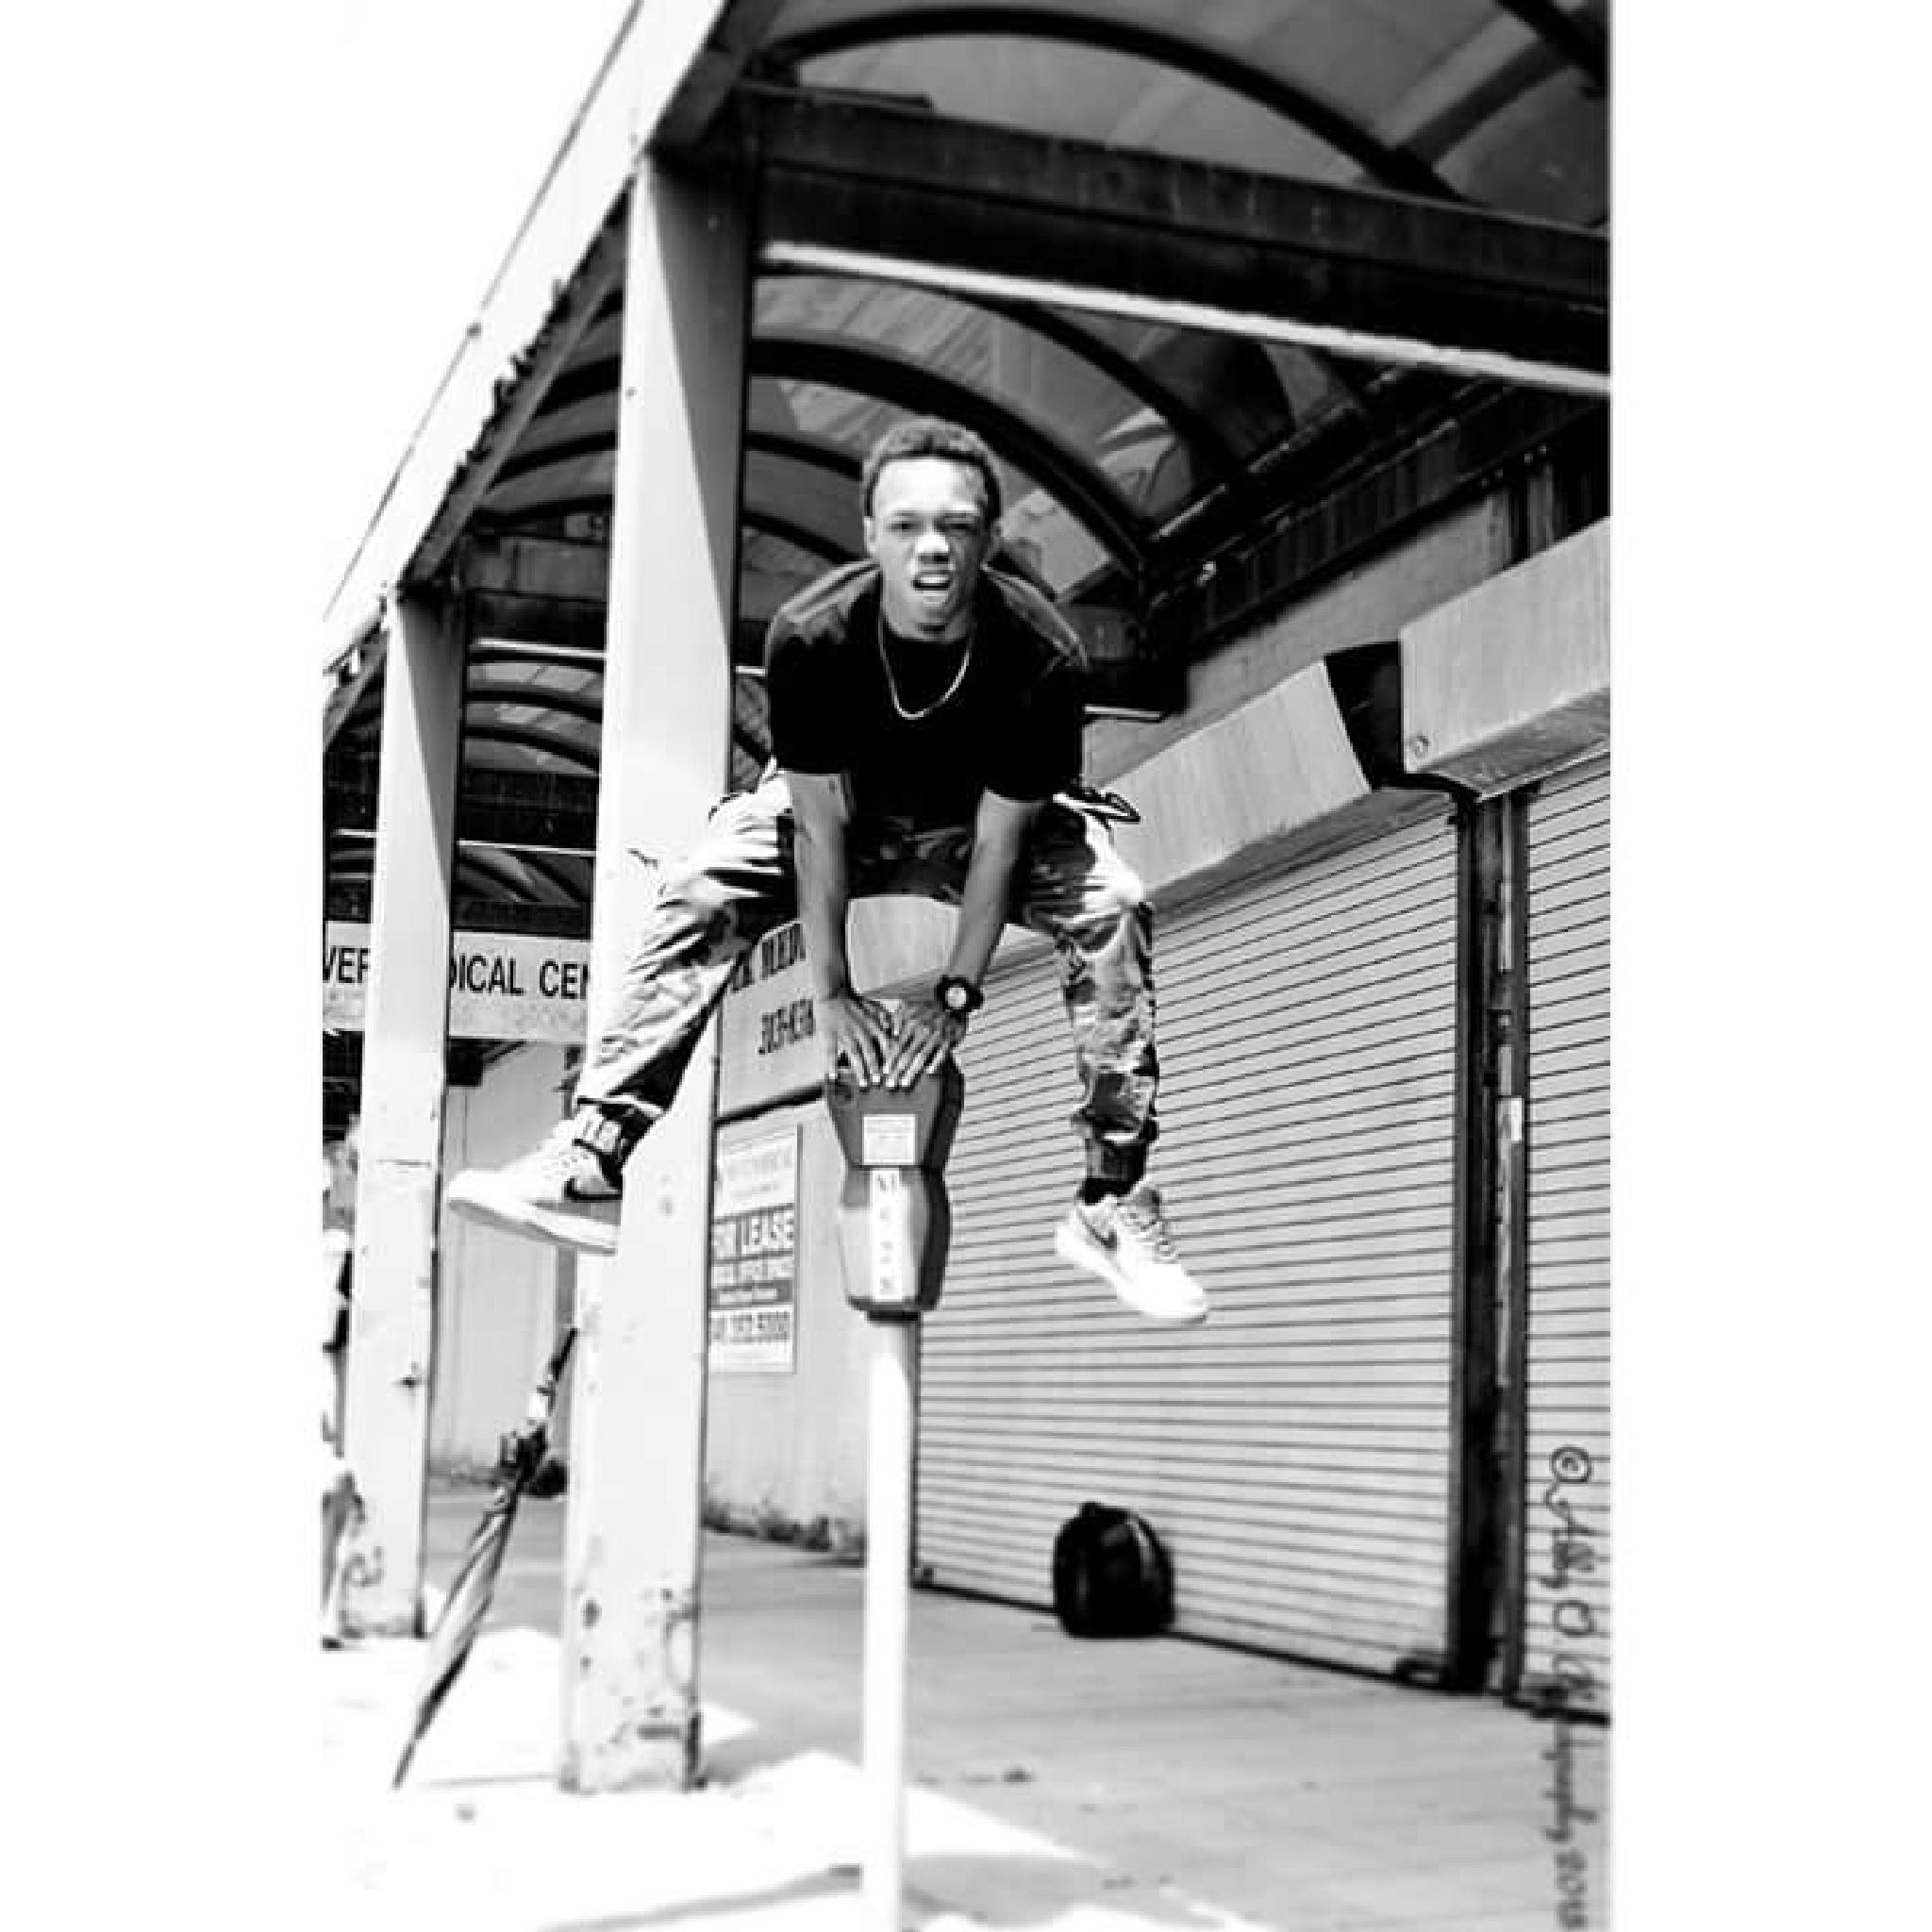 jump! by Abby Oladipo